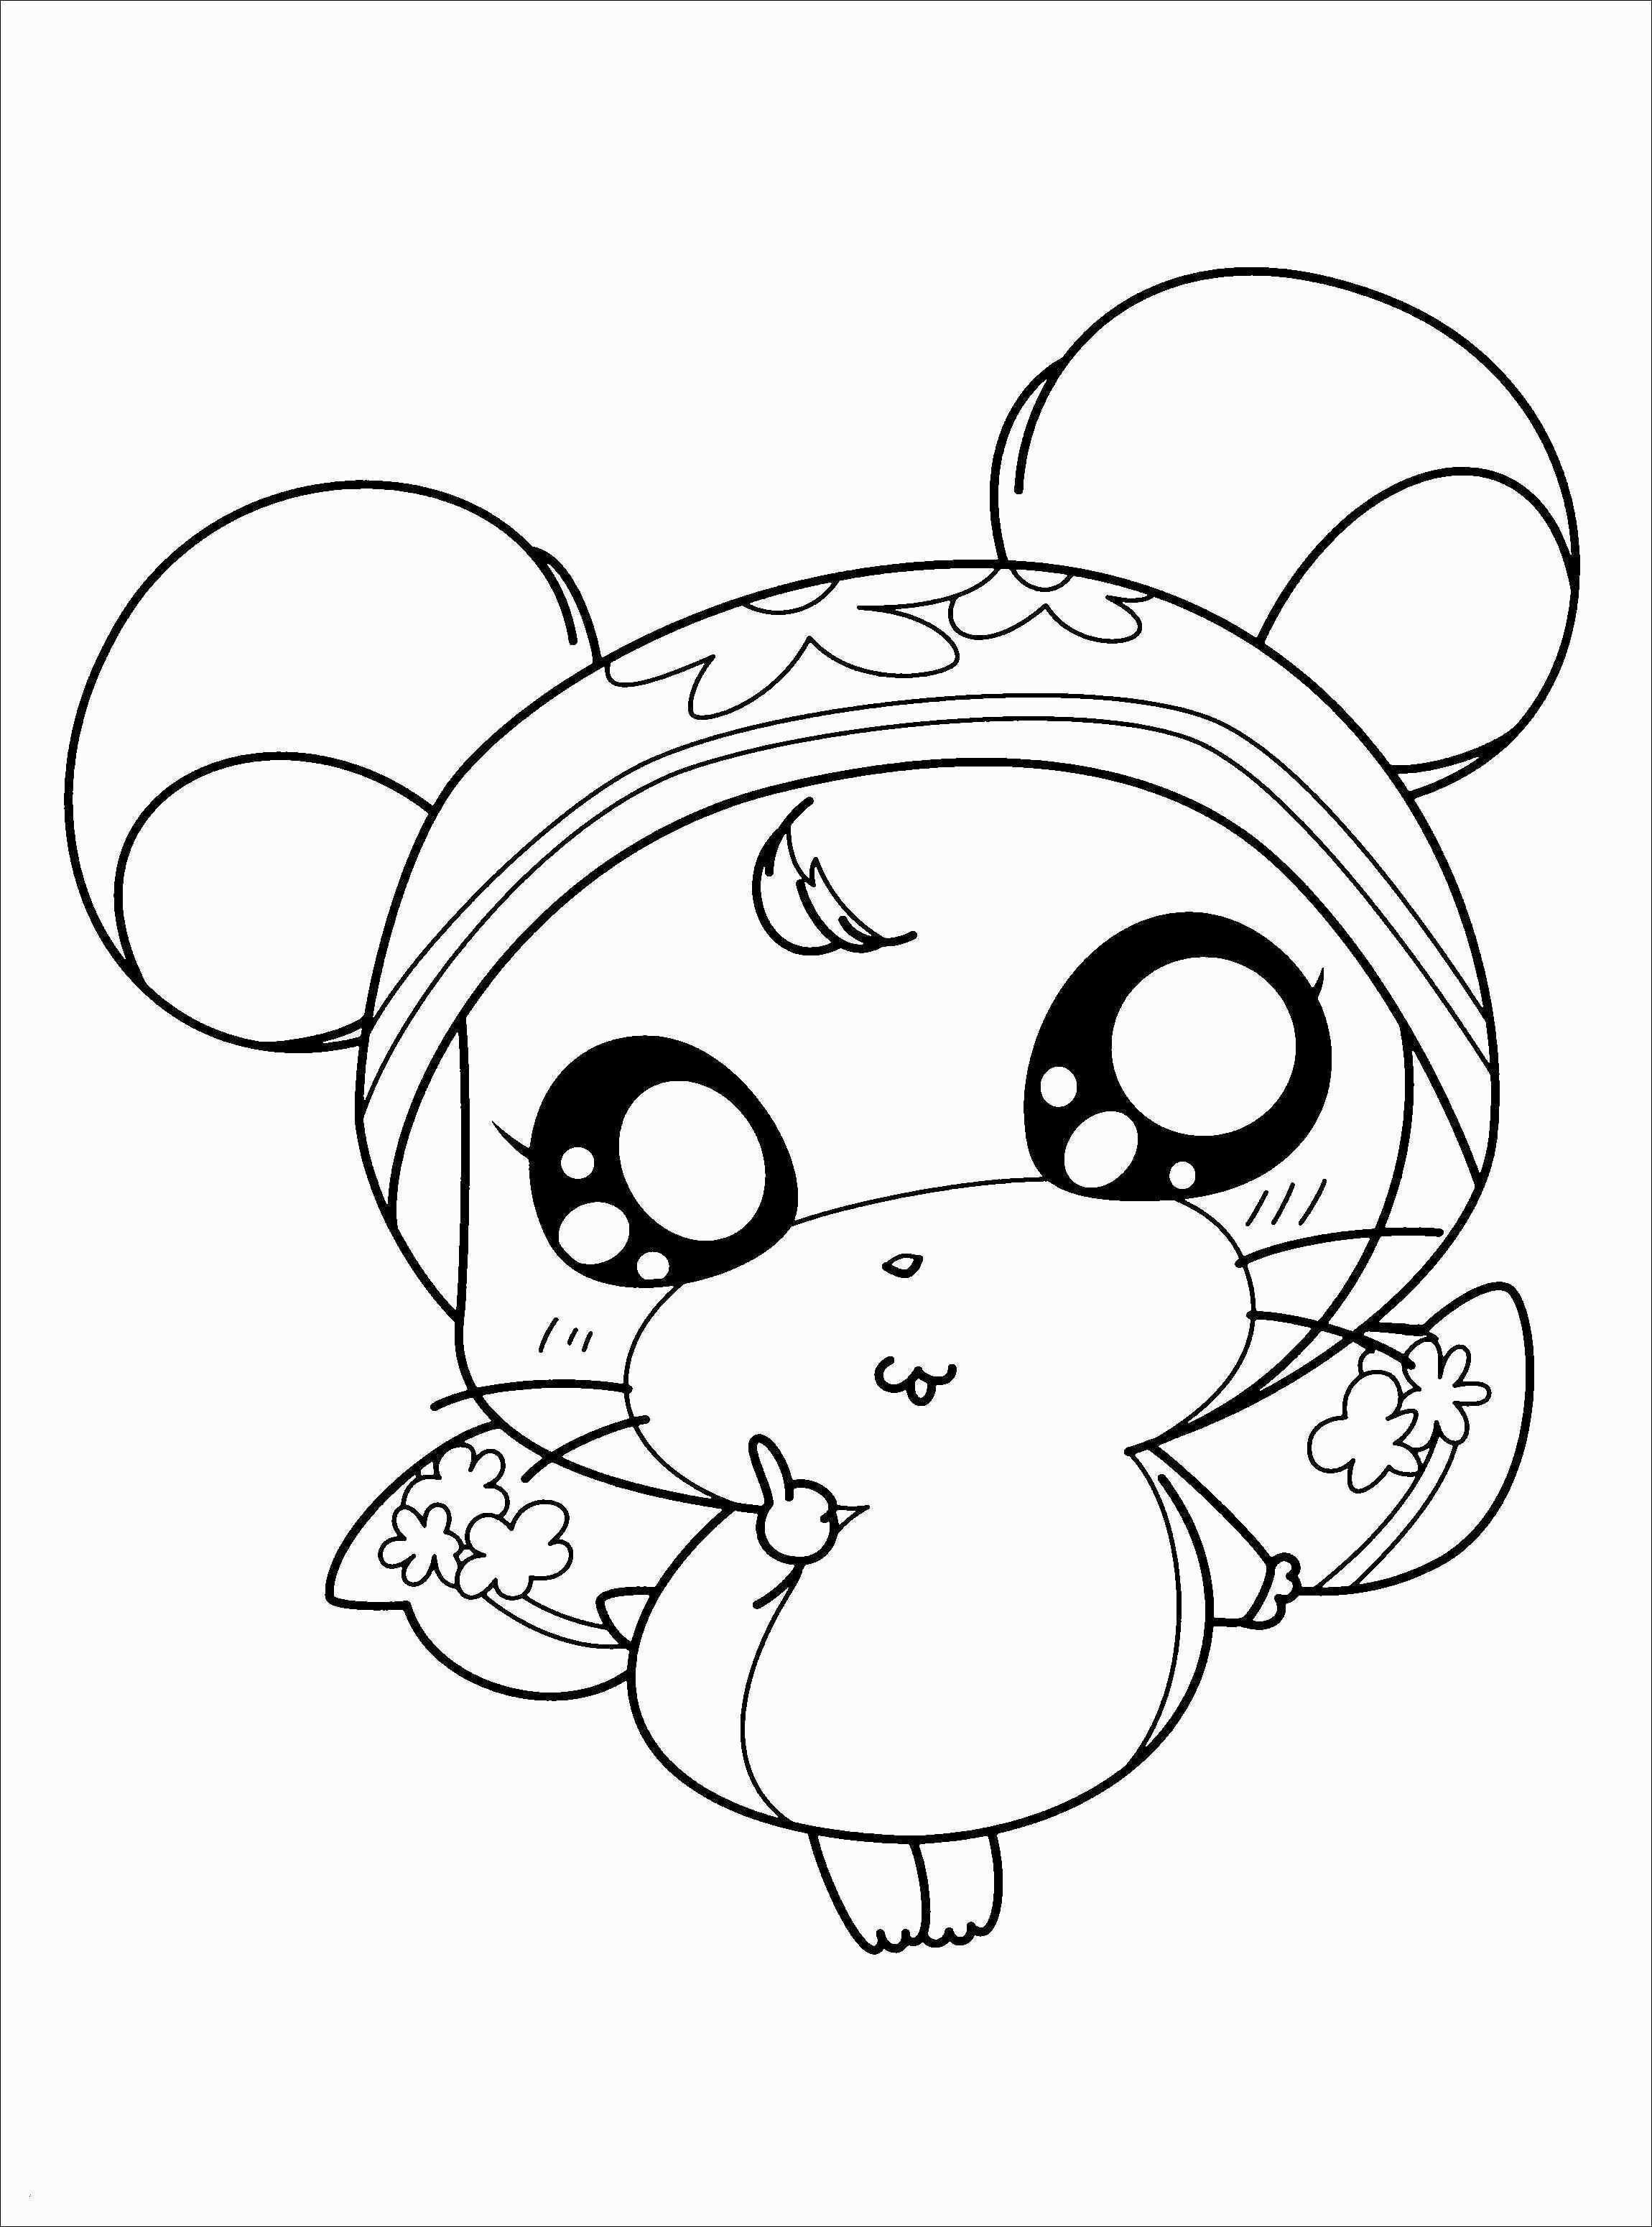 Anime Ausmalbilder Chibi Genial Ausmalbilder Manga Meerjungfrau Idee Ausmalbilder Baby Tiere Bild